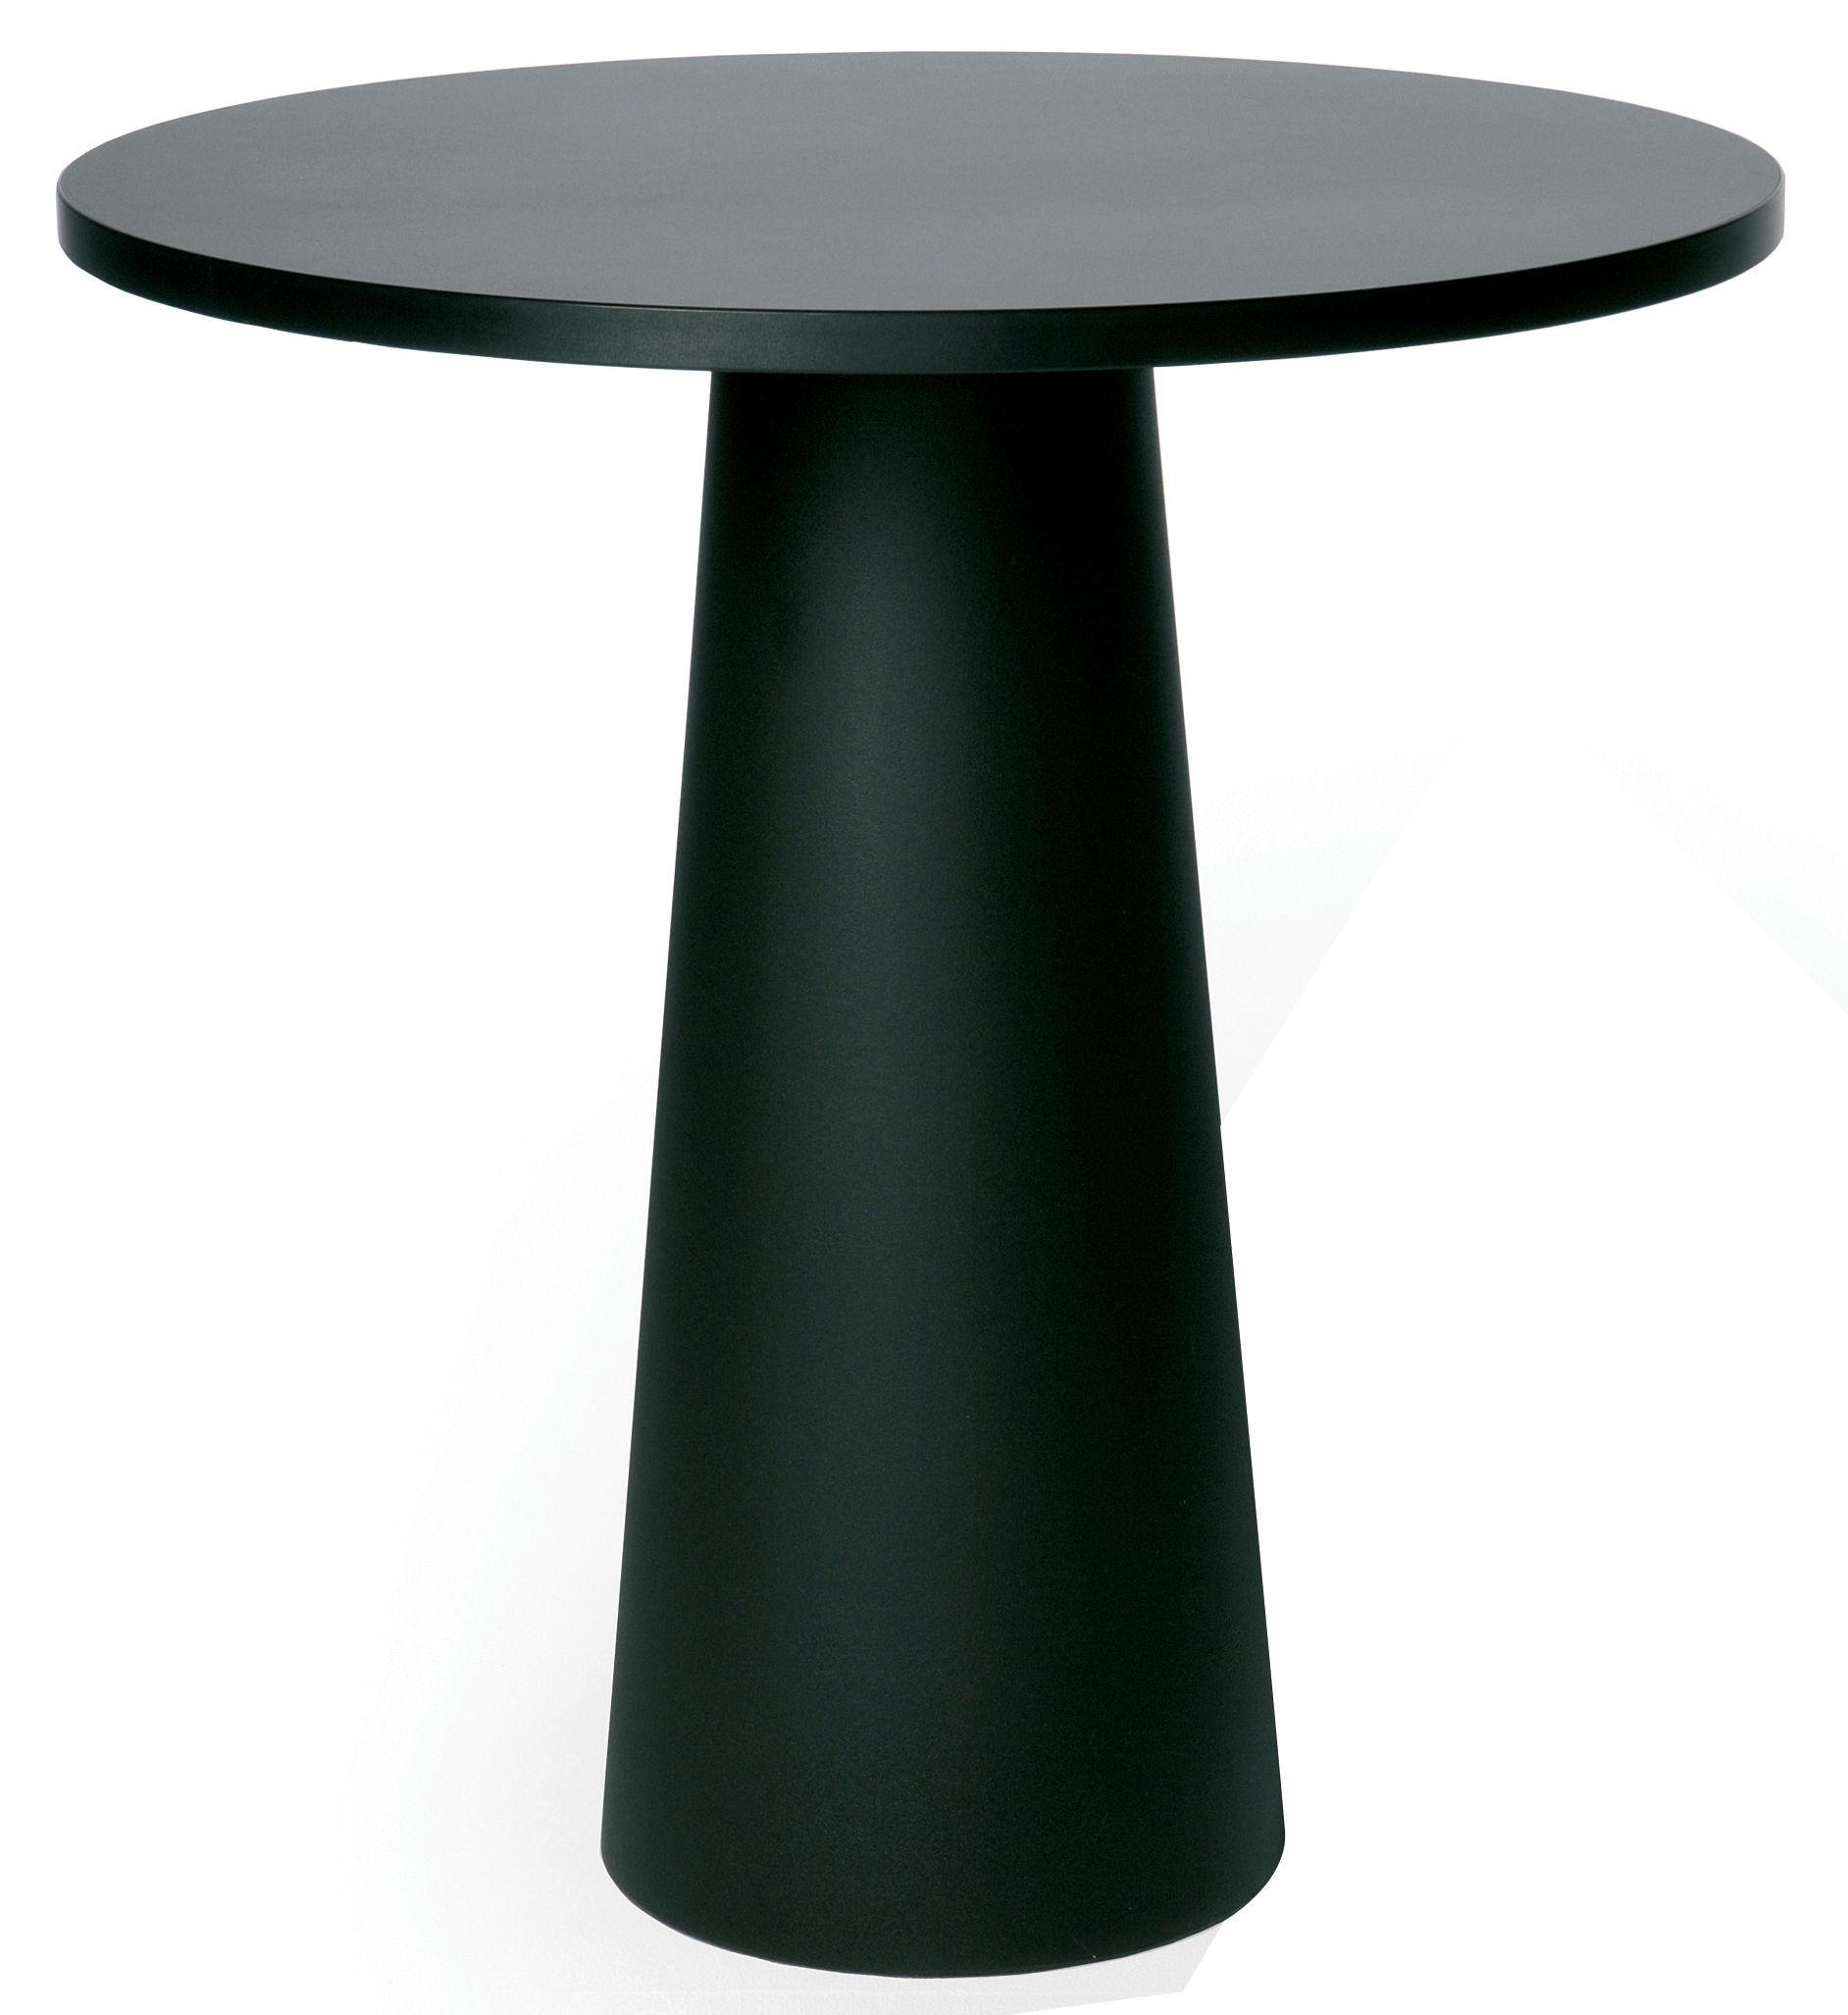 Outdoor - Tische - / Pied pour table Container Tischzubehör / H 70 cm - für Tischplatte mit Ø 70 cm - Moooi - Fuß schwarz / Ø 30 cm x H 70 cm - Polypropylen